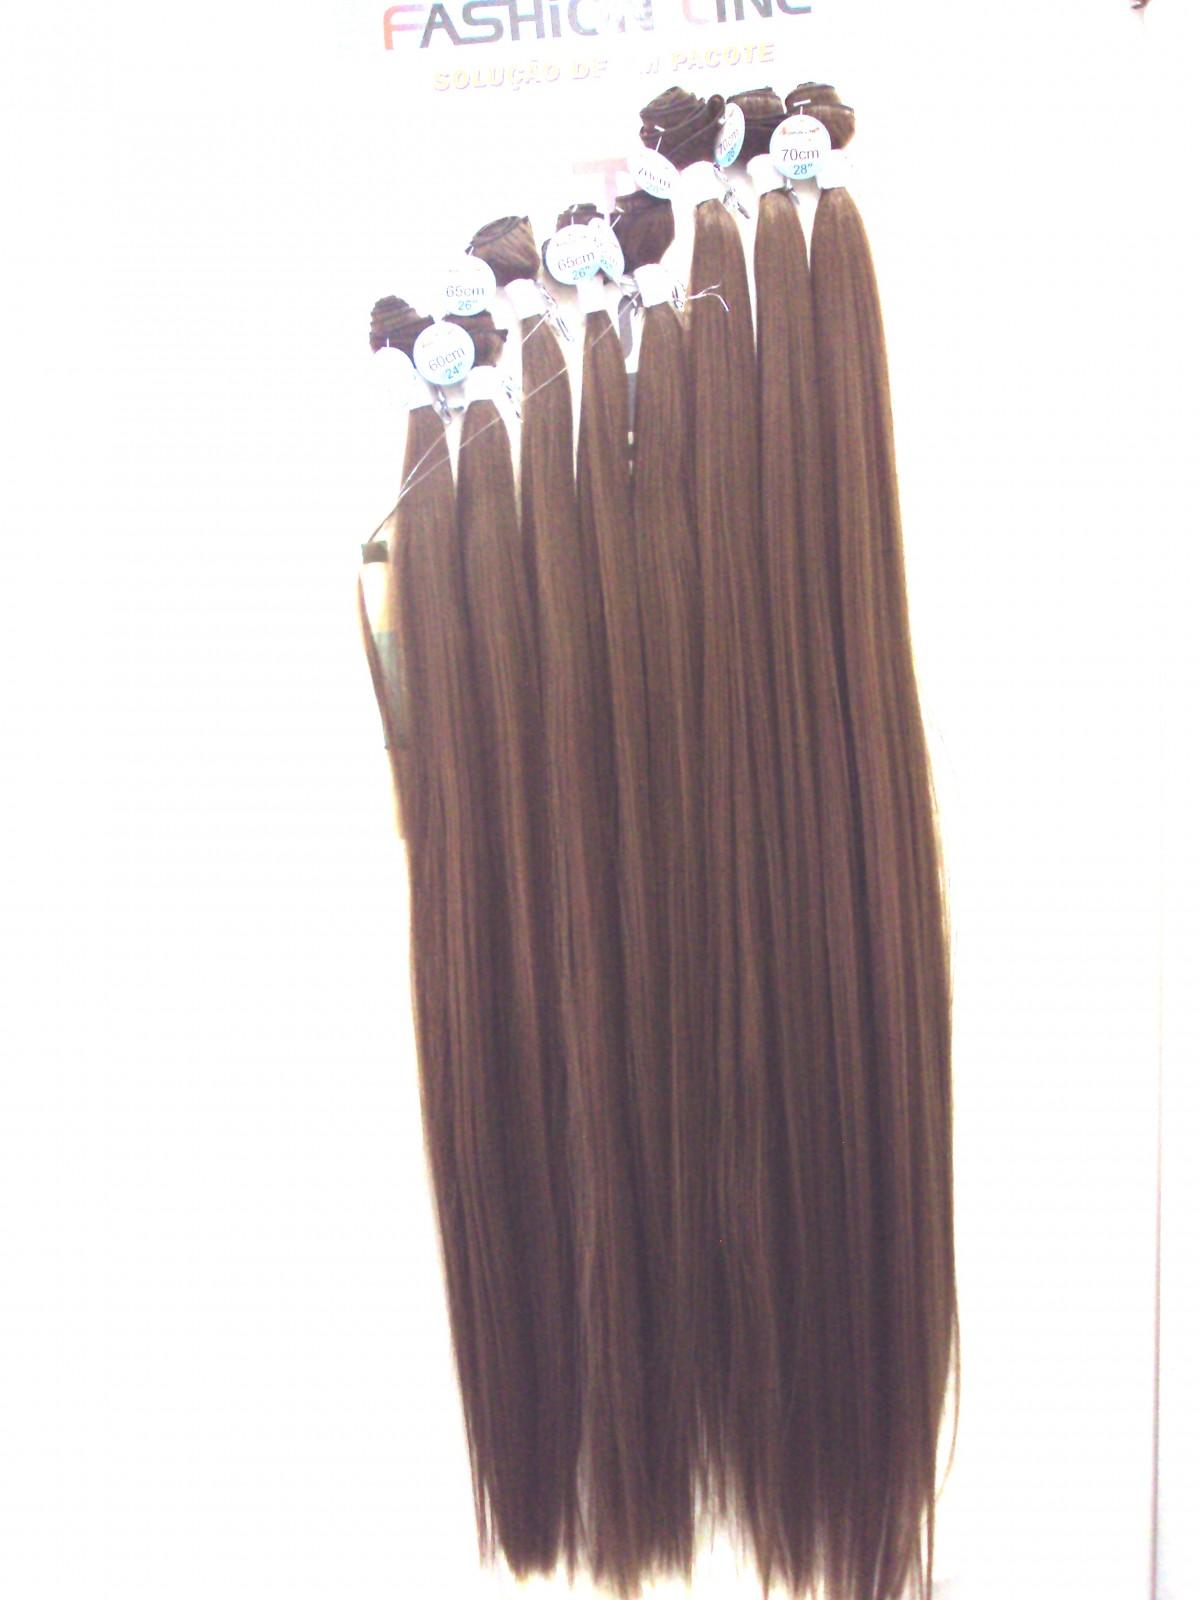 Foto2 - Cabelo Orgânico - Fashion Line - LISA 260g Promoção